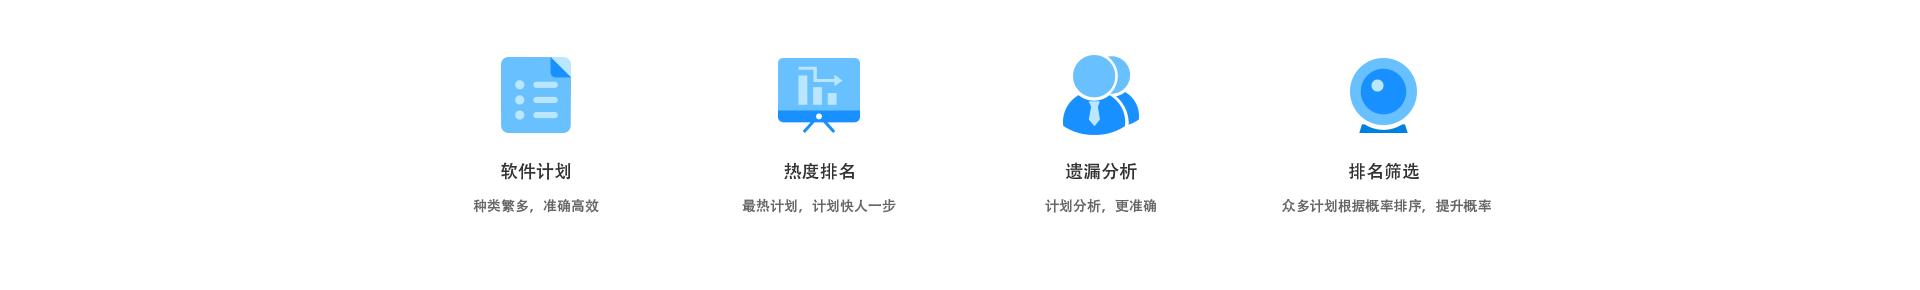 玄武计划推广-软件介绍1